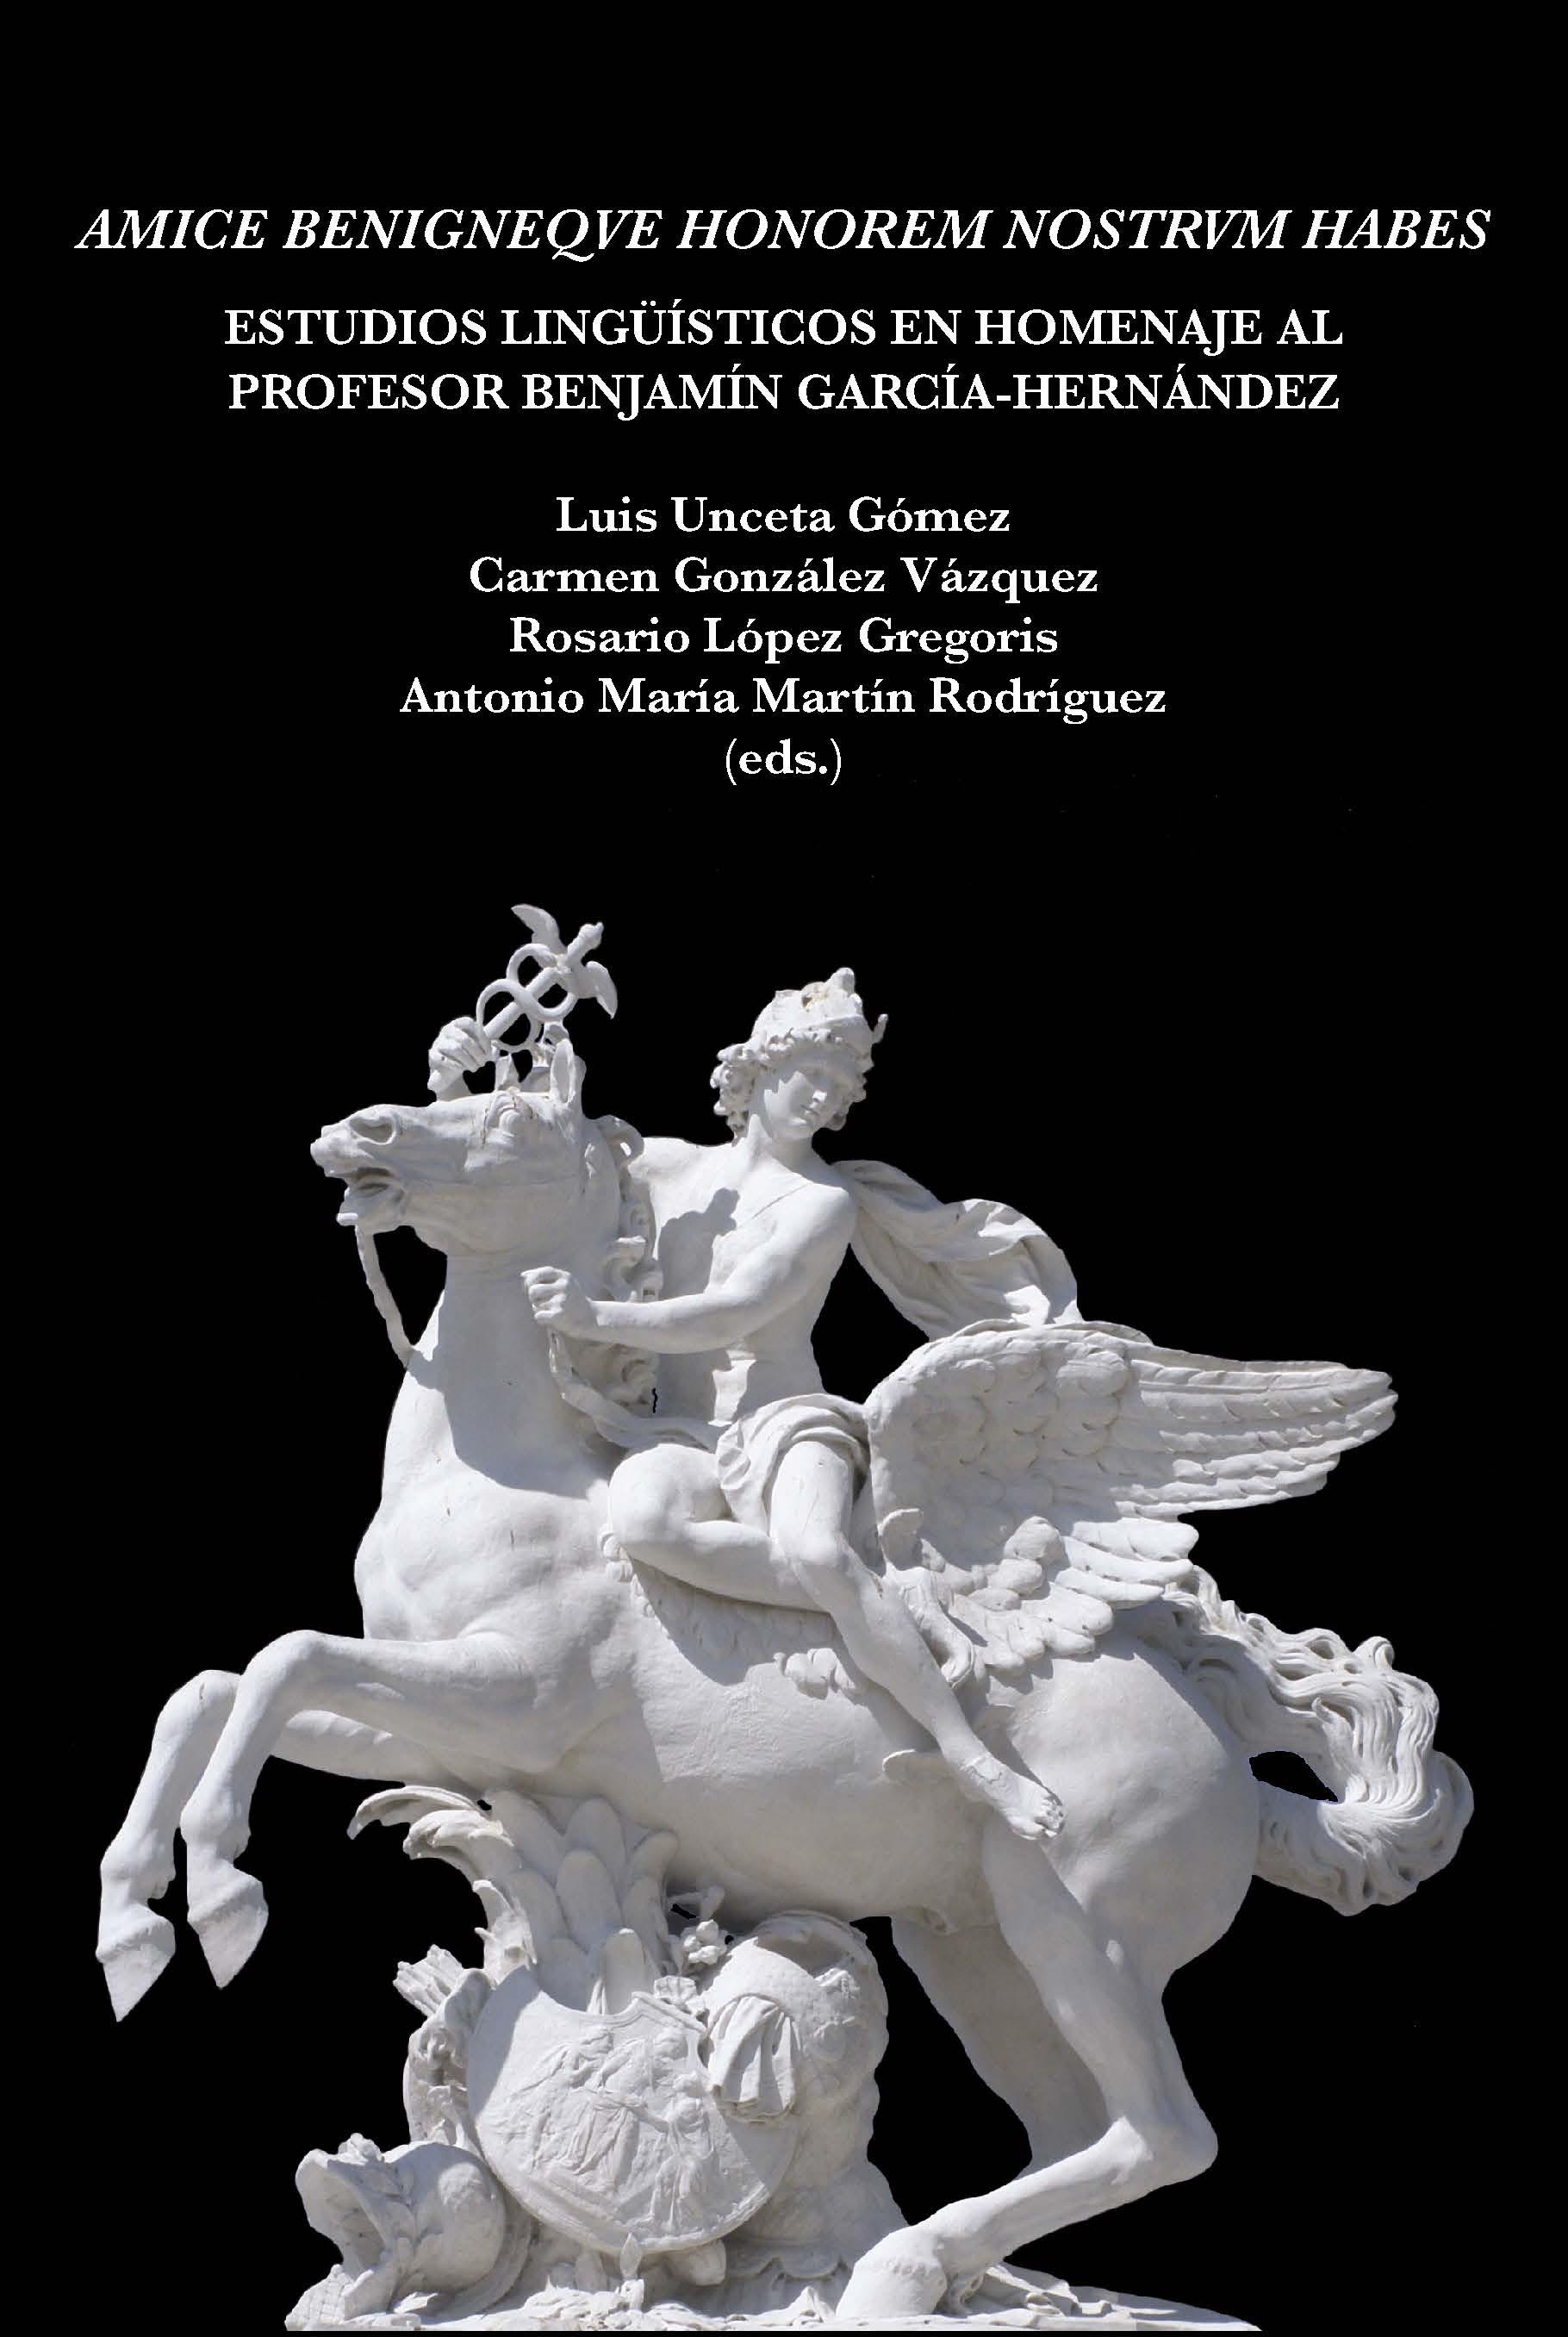 Portada del libro Estudios Lingüísticos en homenaje al profesor Benjamín García-Hernández